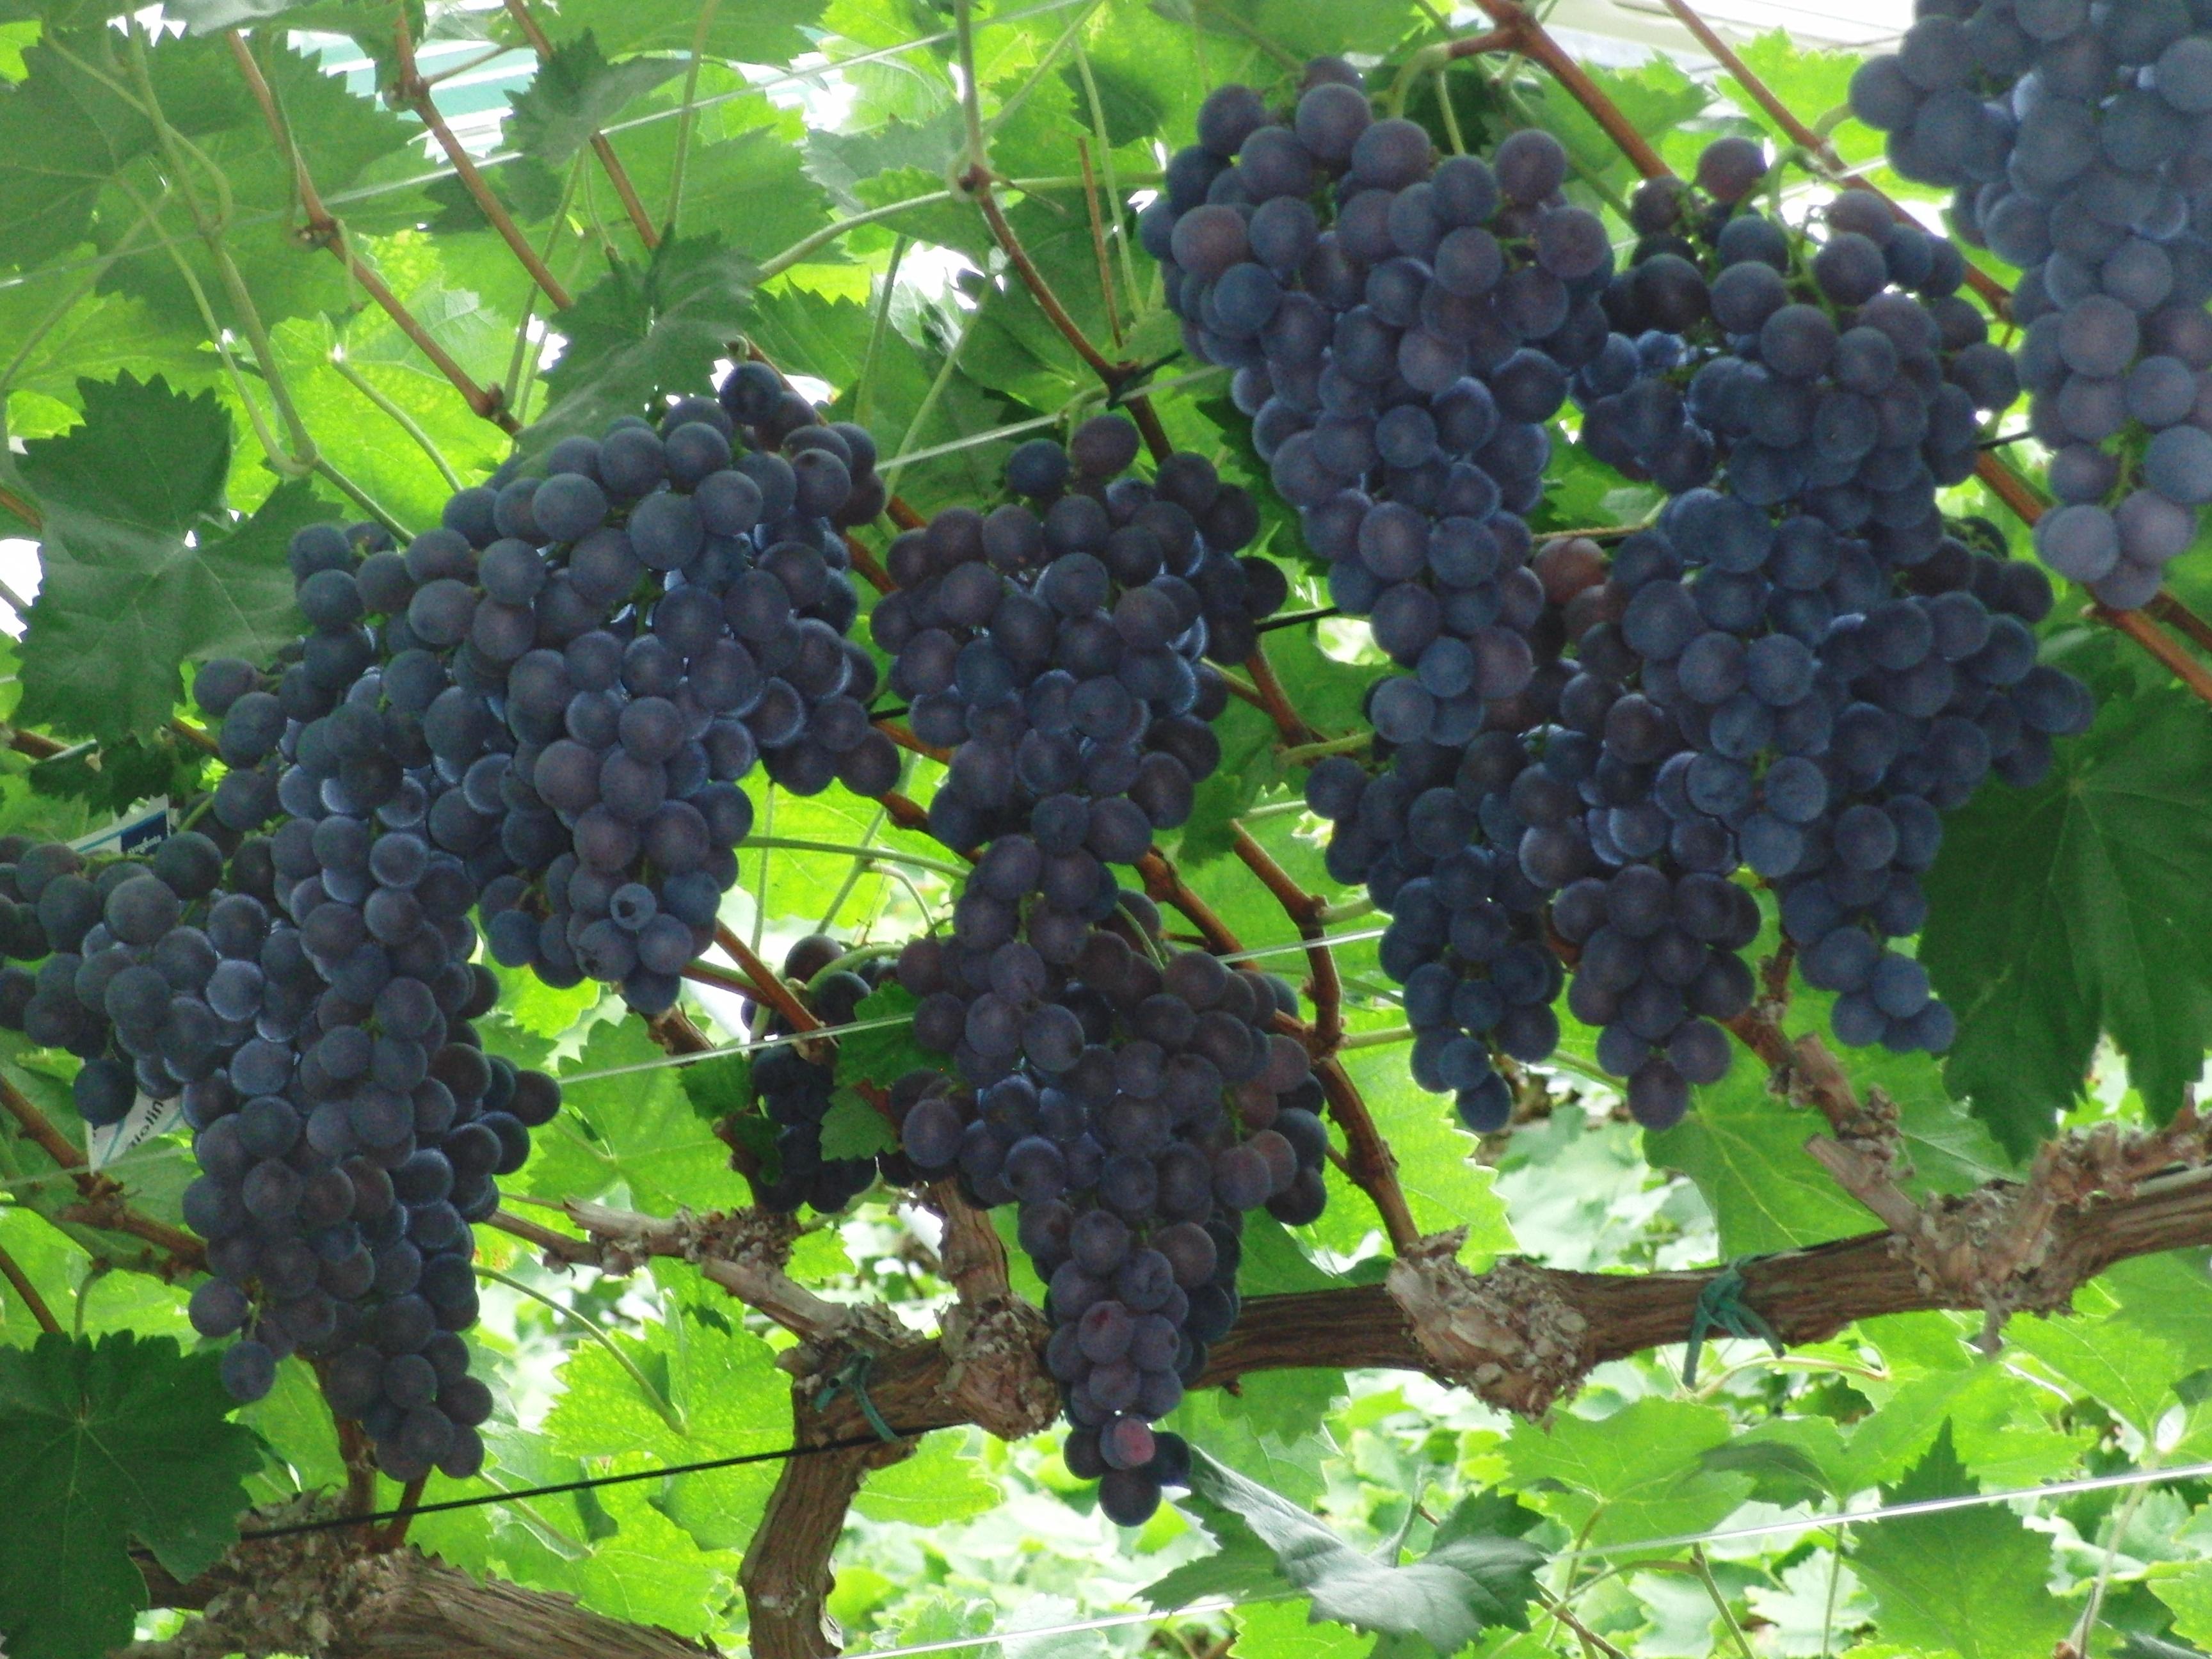 Druivenkwekerij Nieuw Tuinzigt